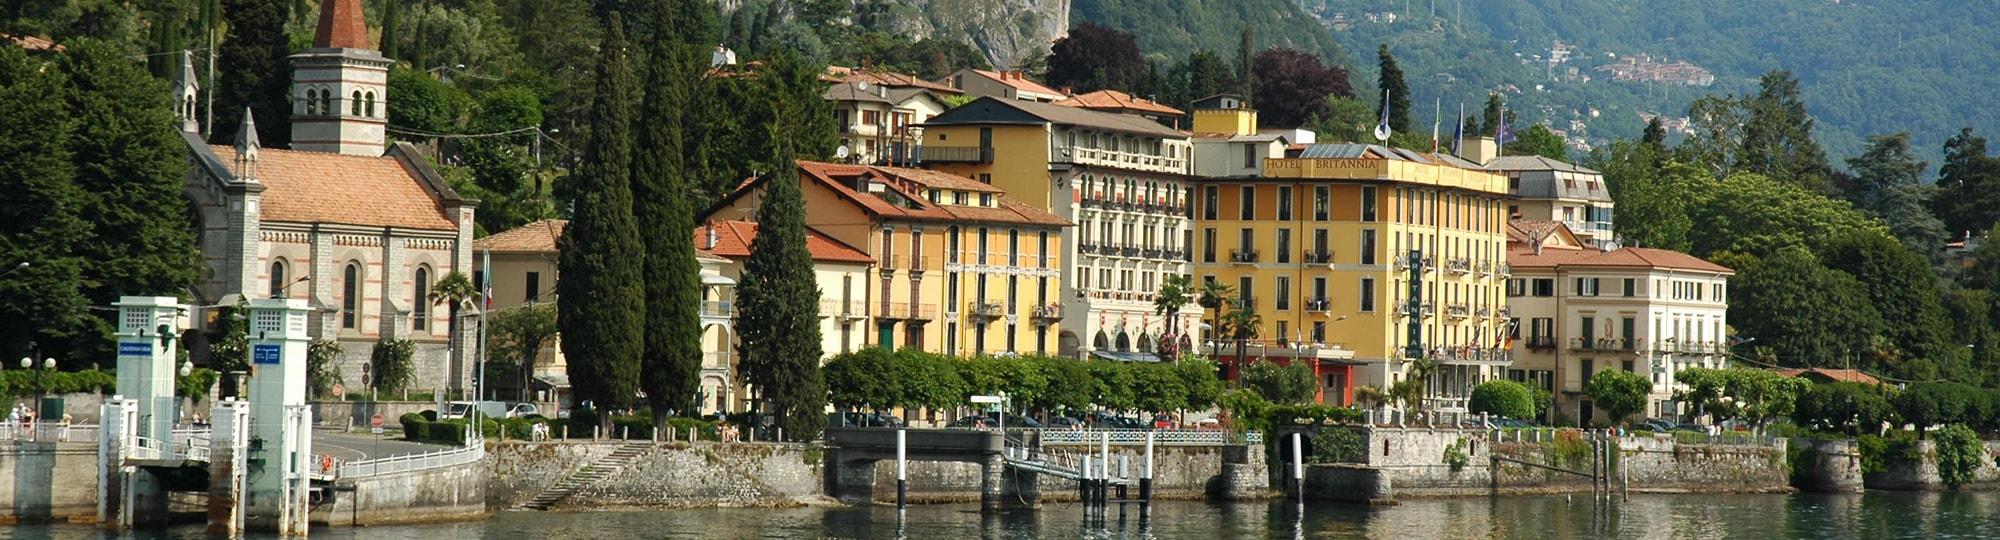 Notre s lection d 39 h tels de luxe cadenabbia hotels lac de c me - Lac de come hotel ...